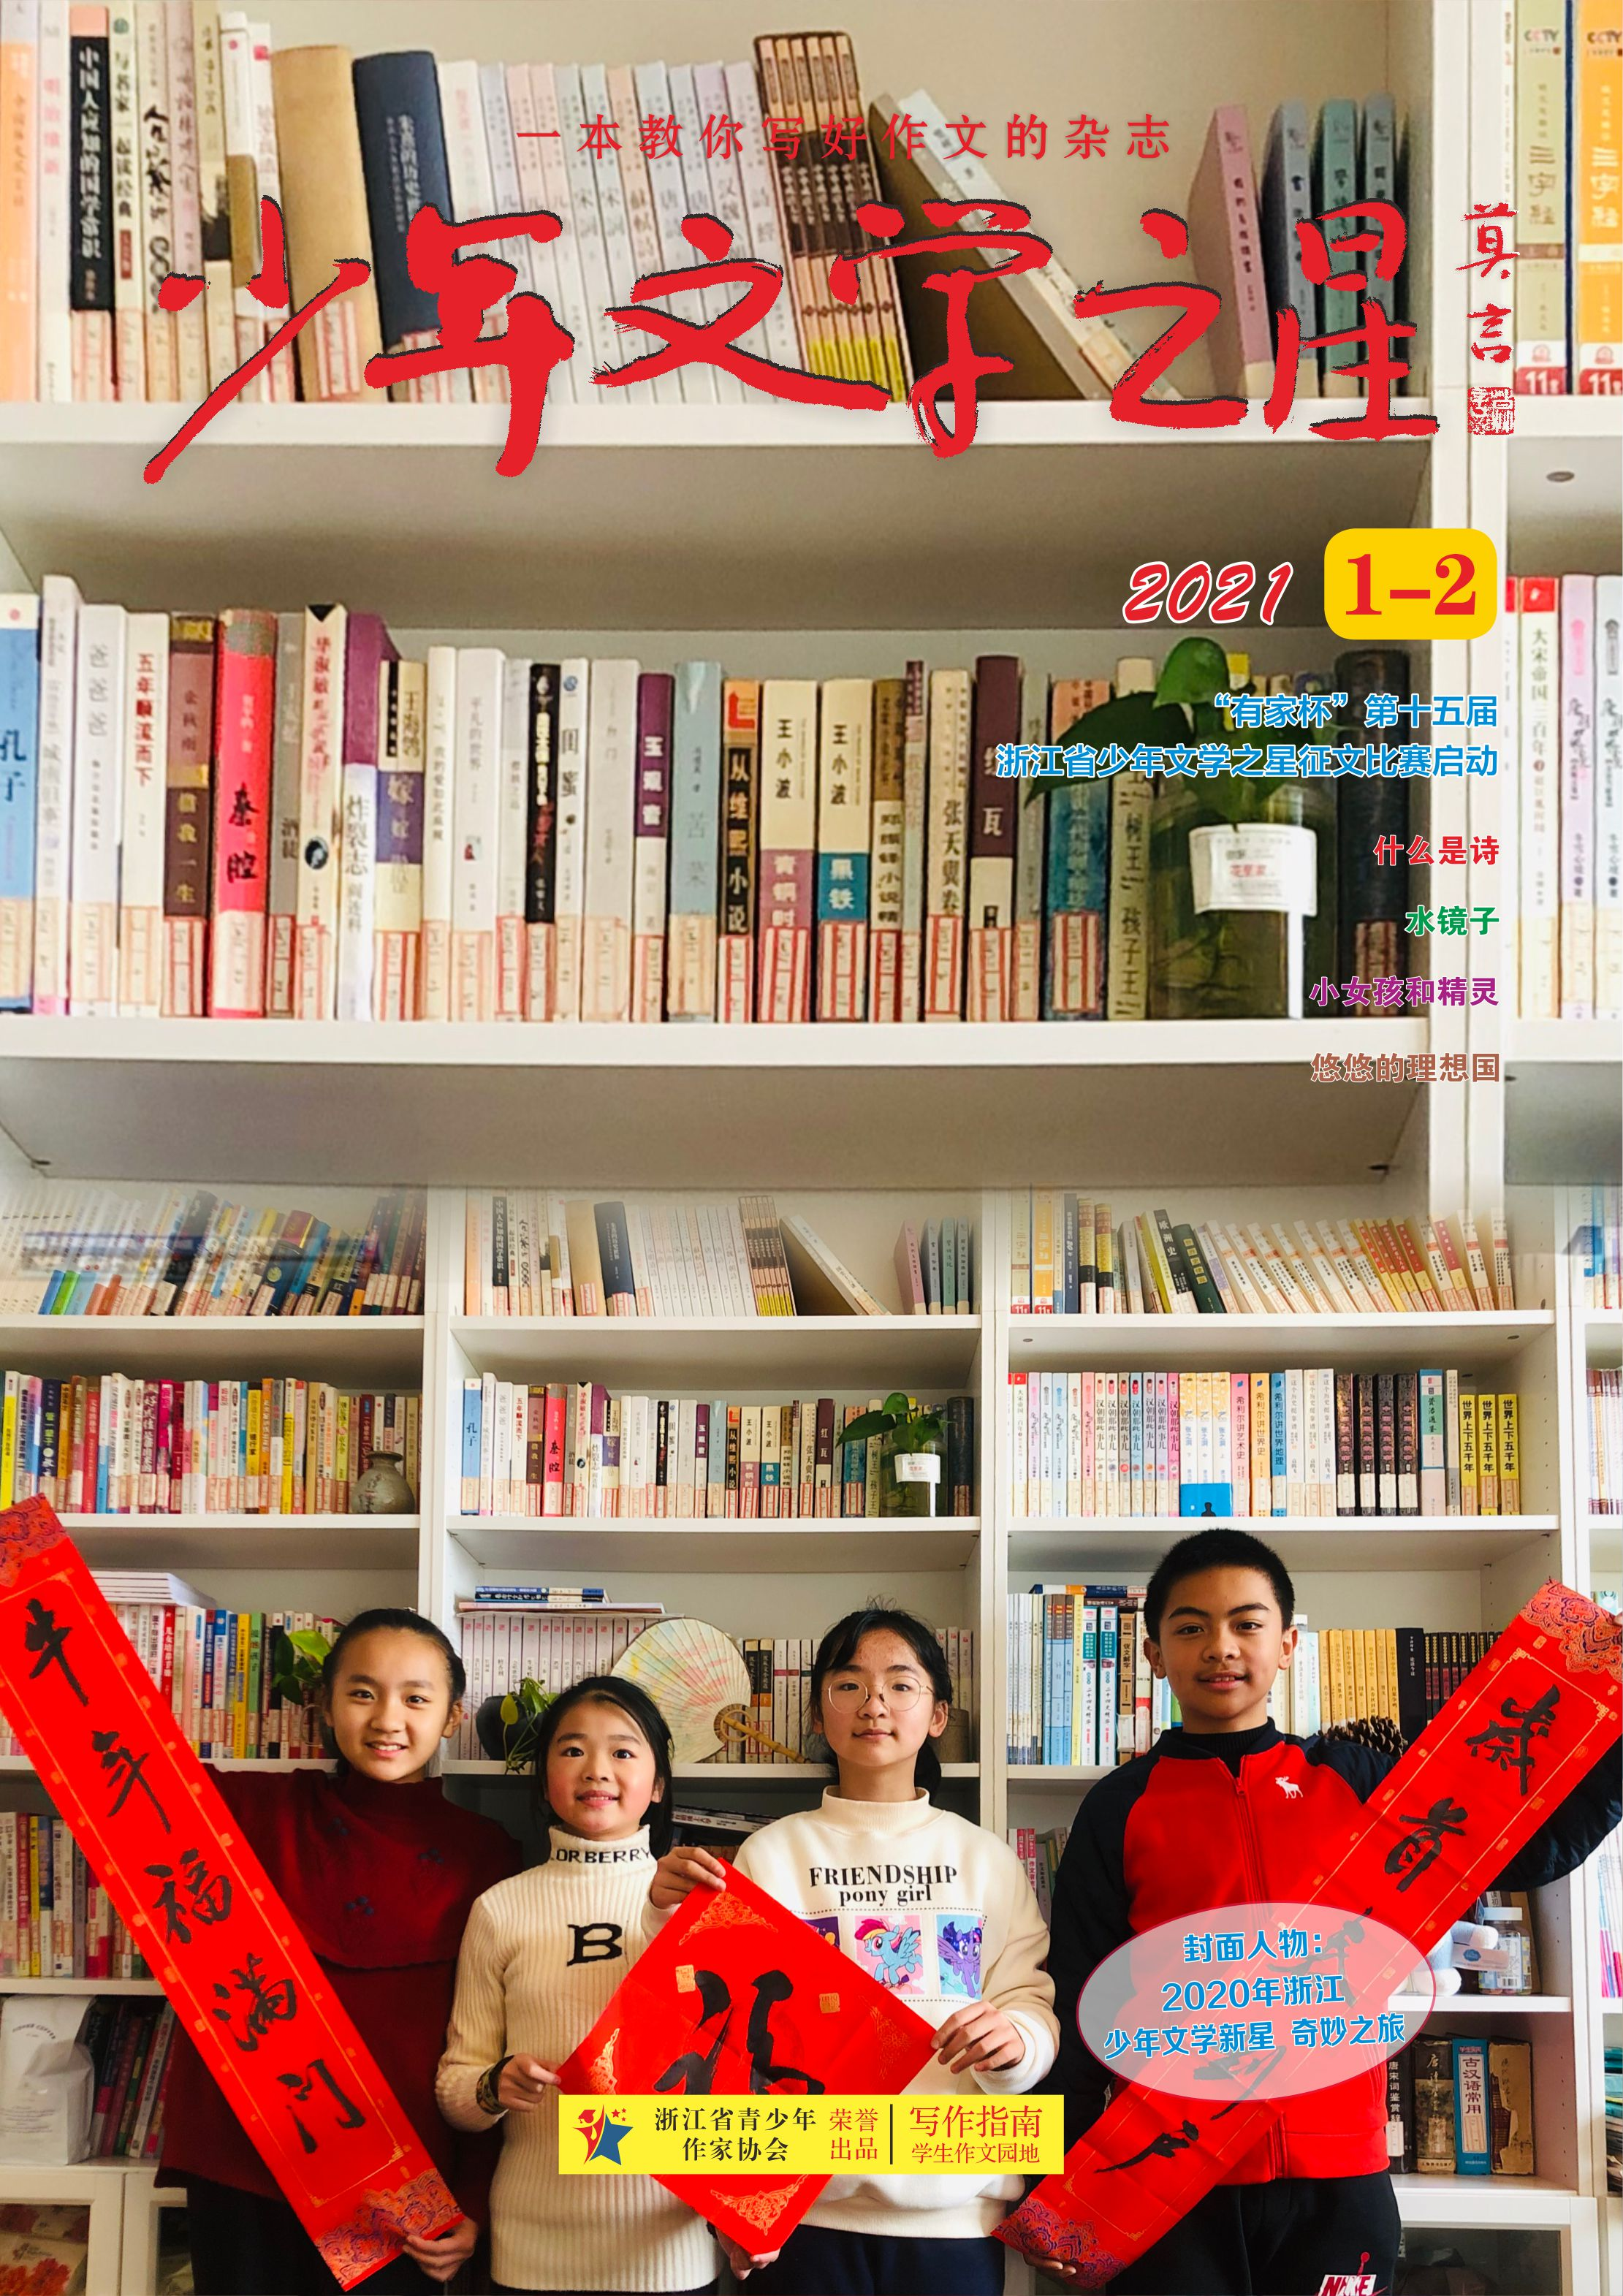 《少年文学之星》2021年1-2合刊